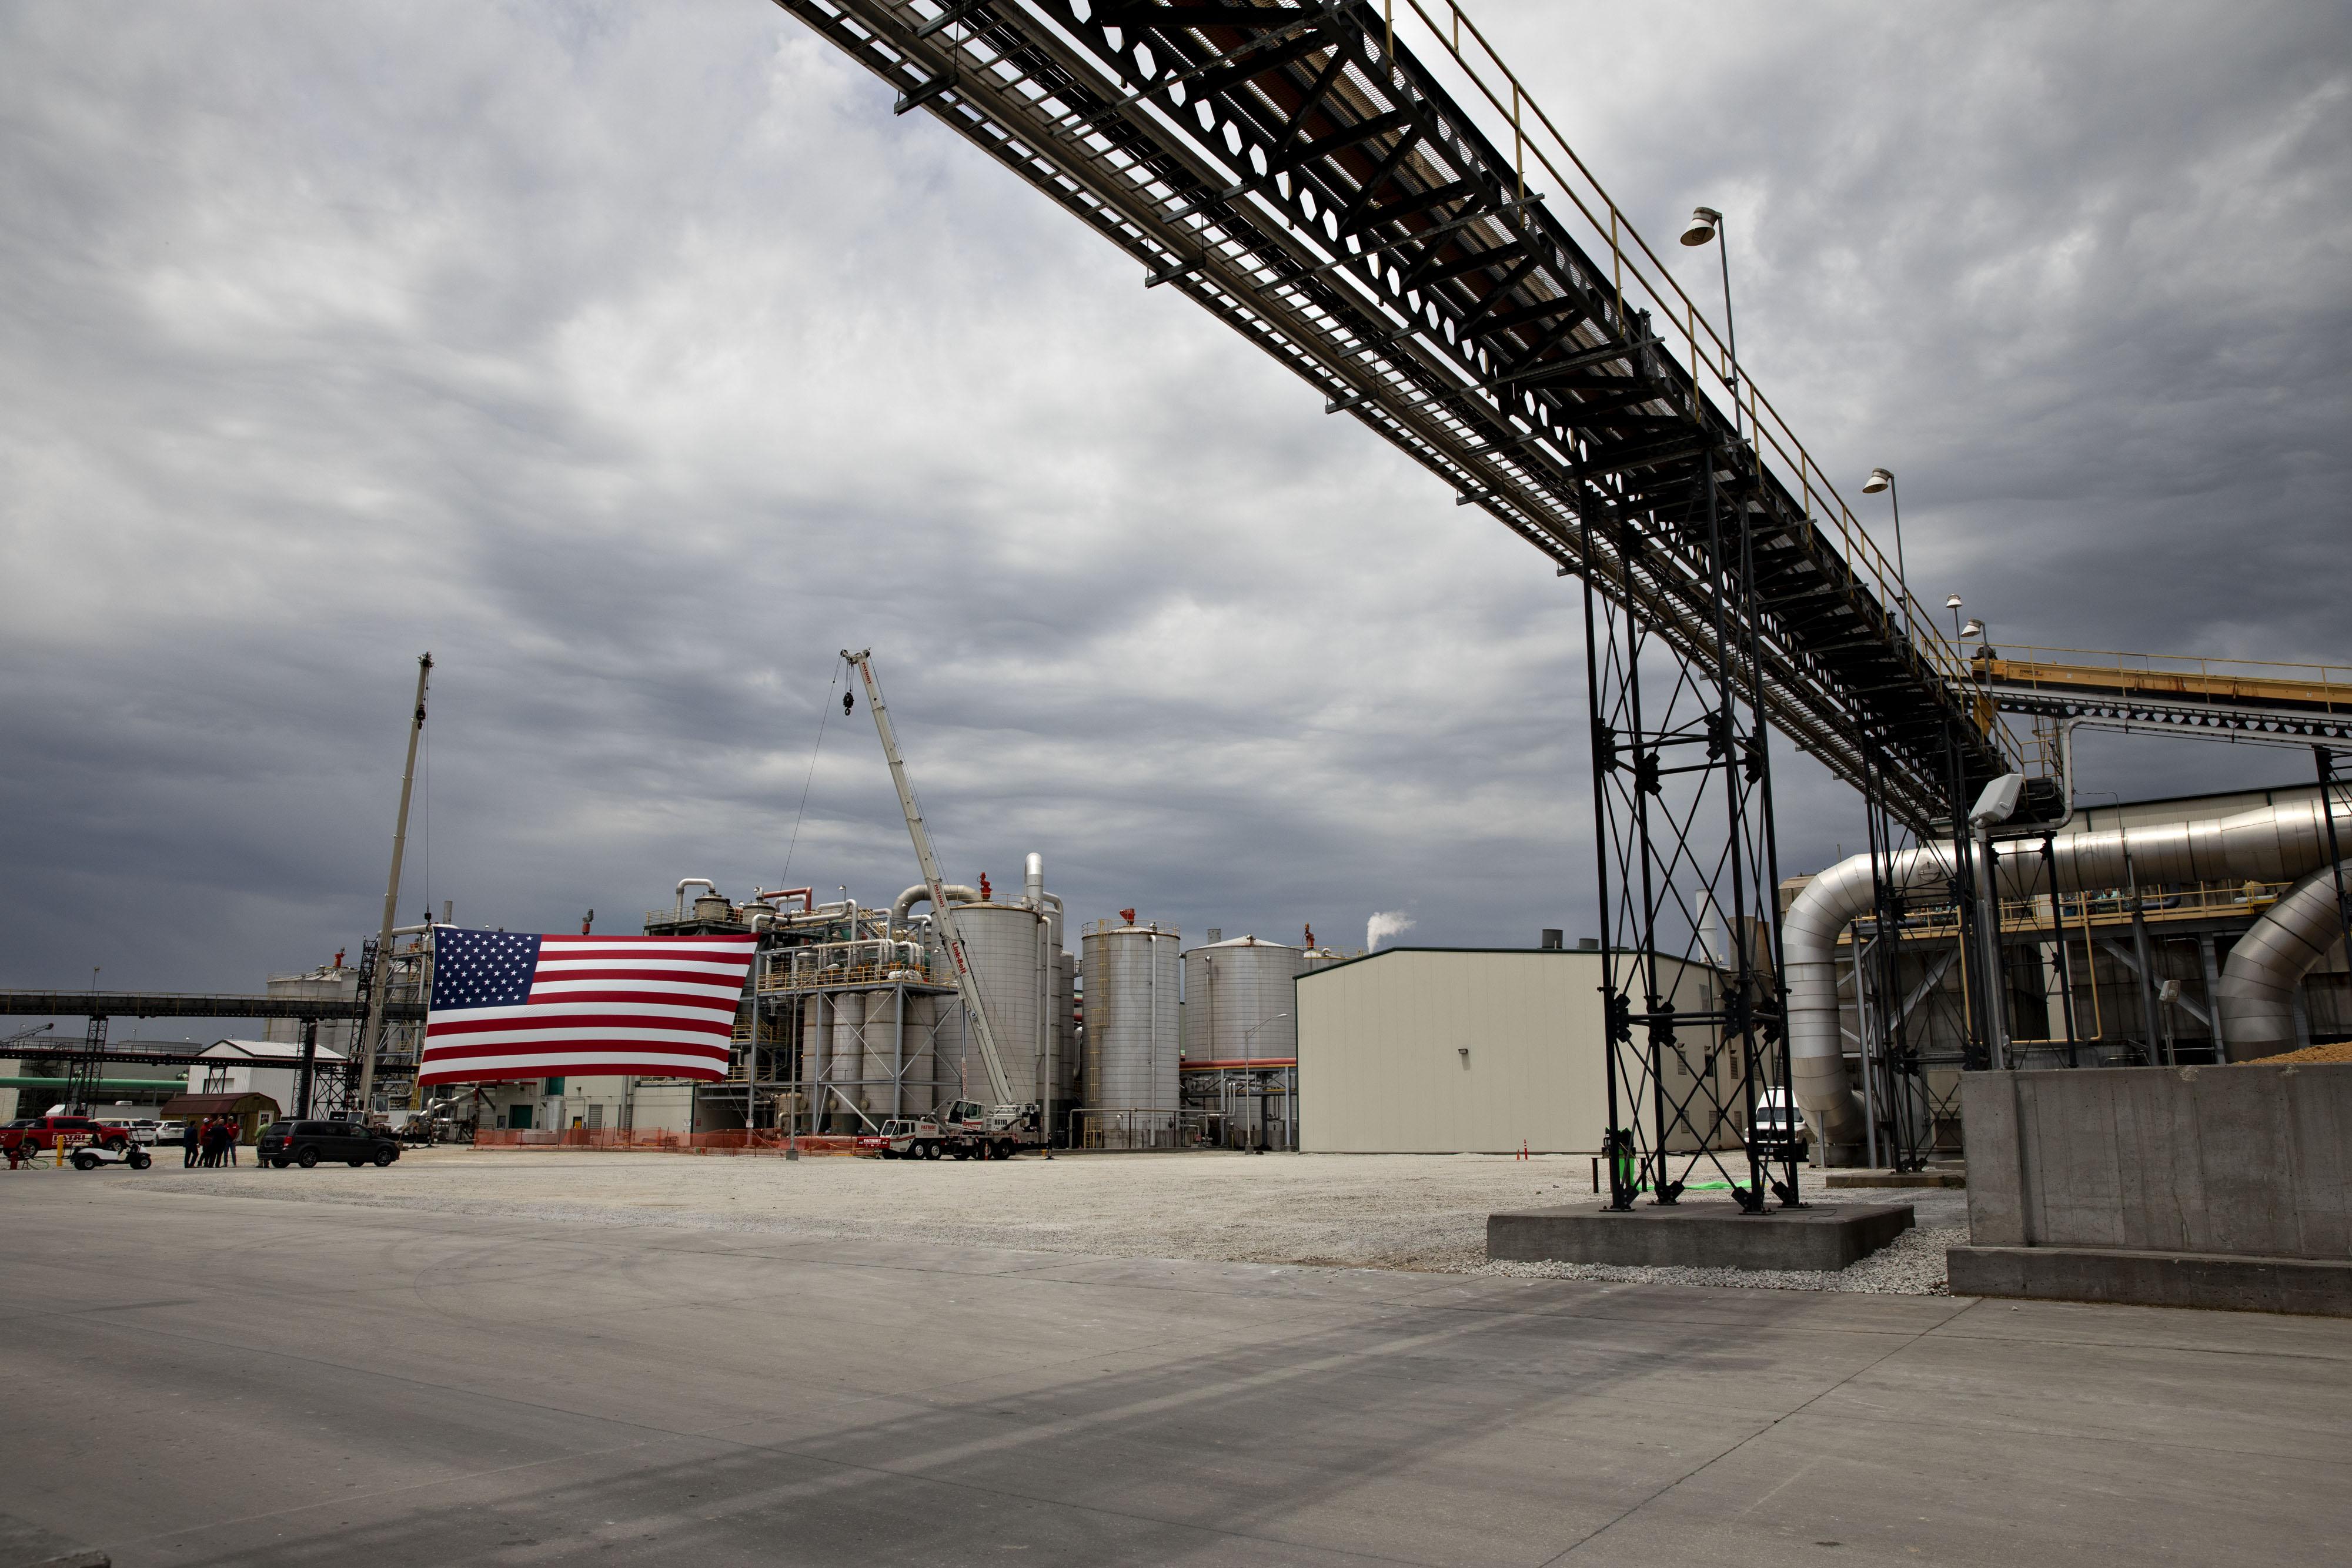 An ethanol facility in Council Bluffs, Iowa.